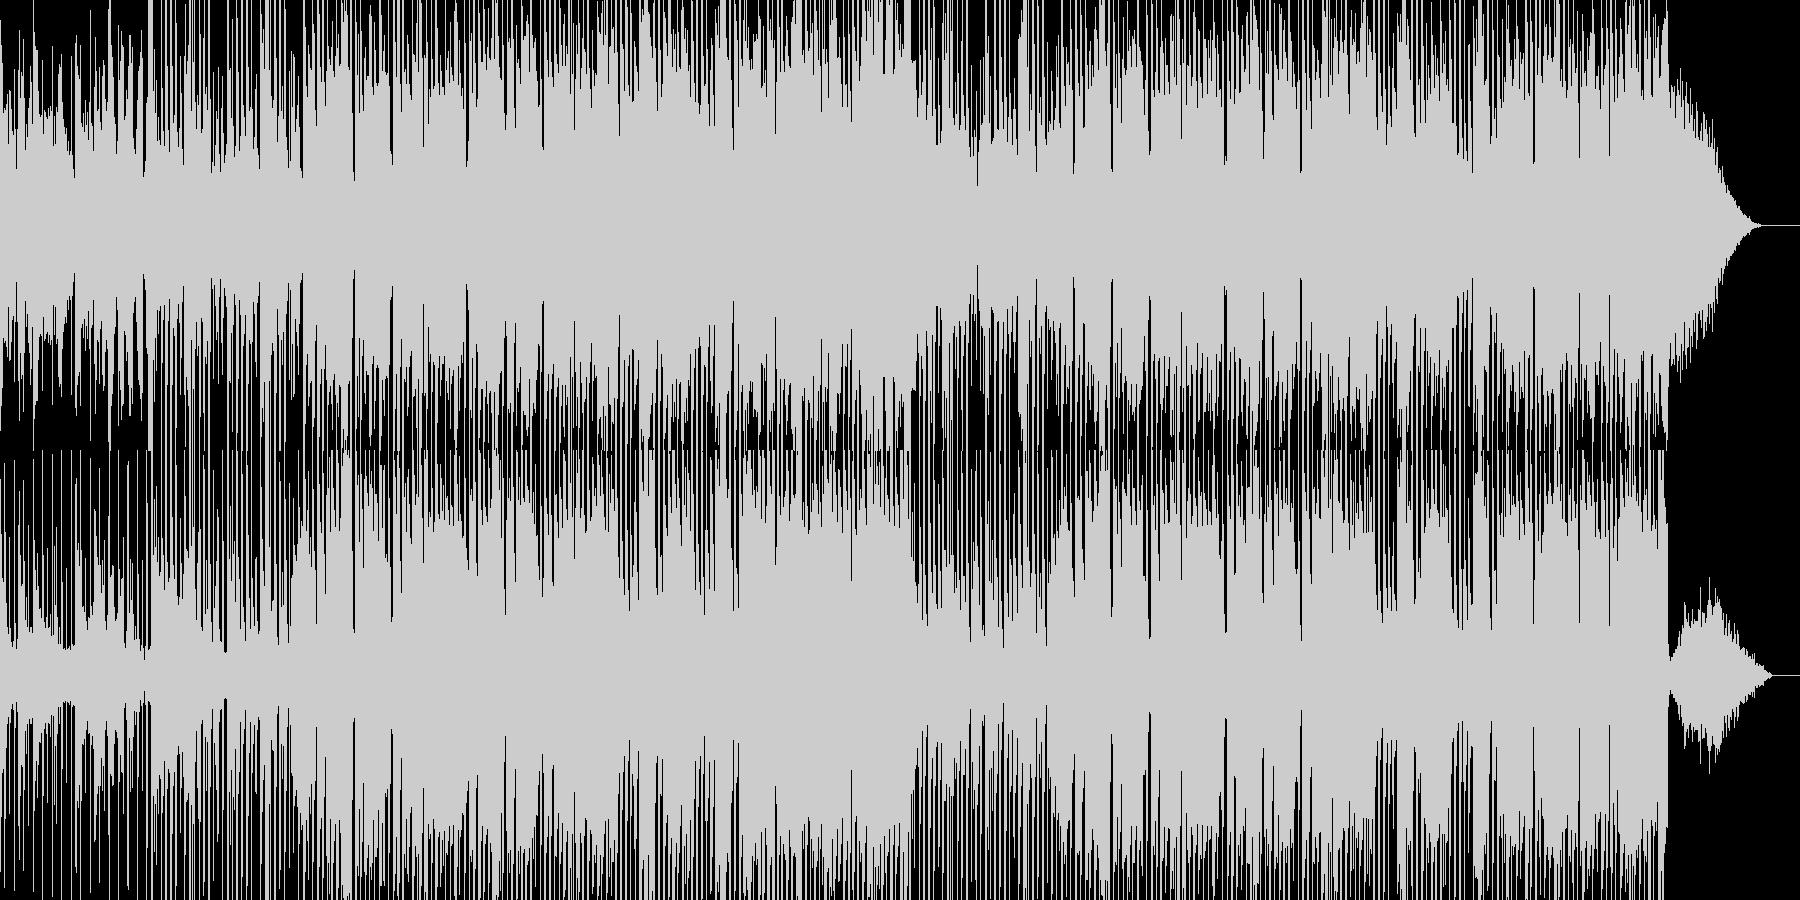 怪しく緊迫した雰囲気のBGMの未再生の波形